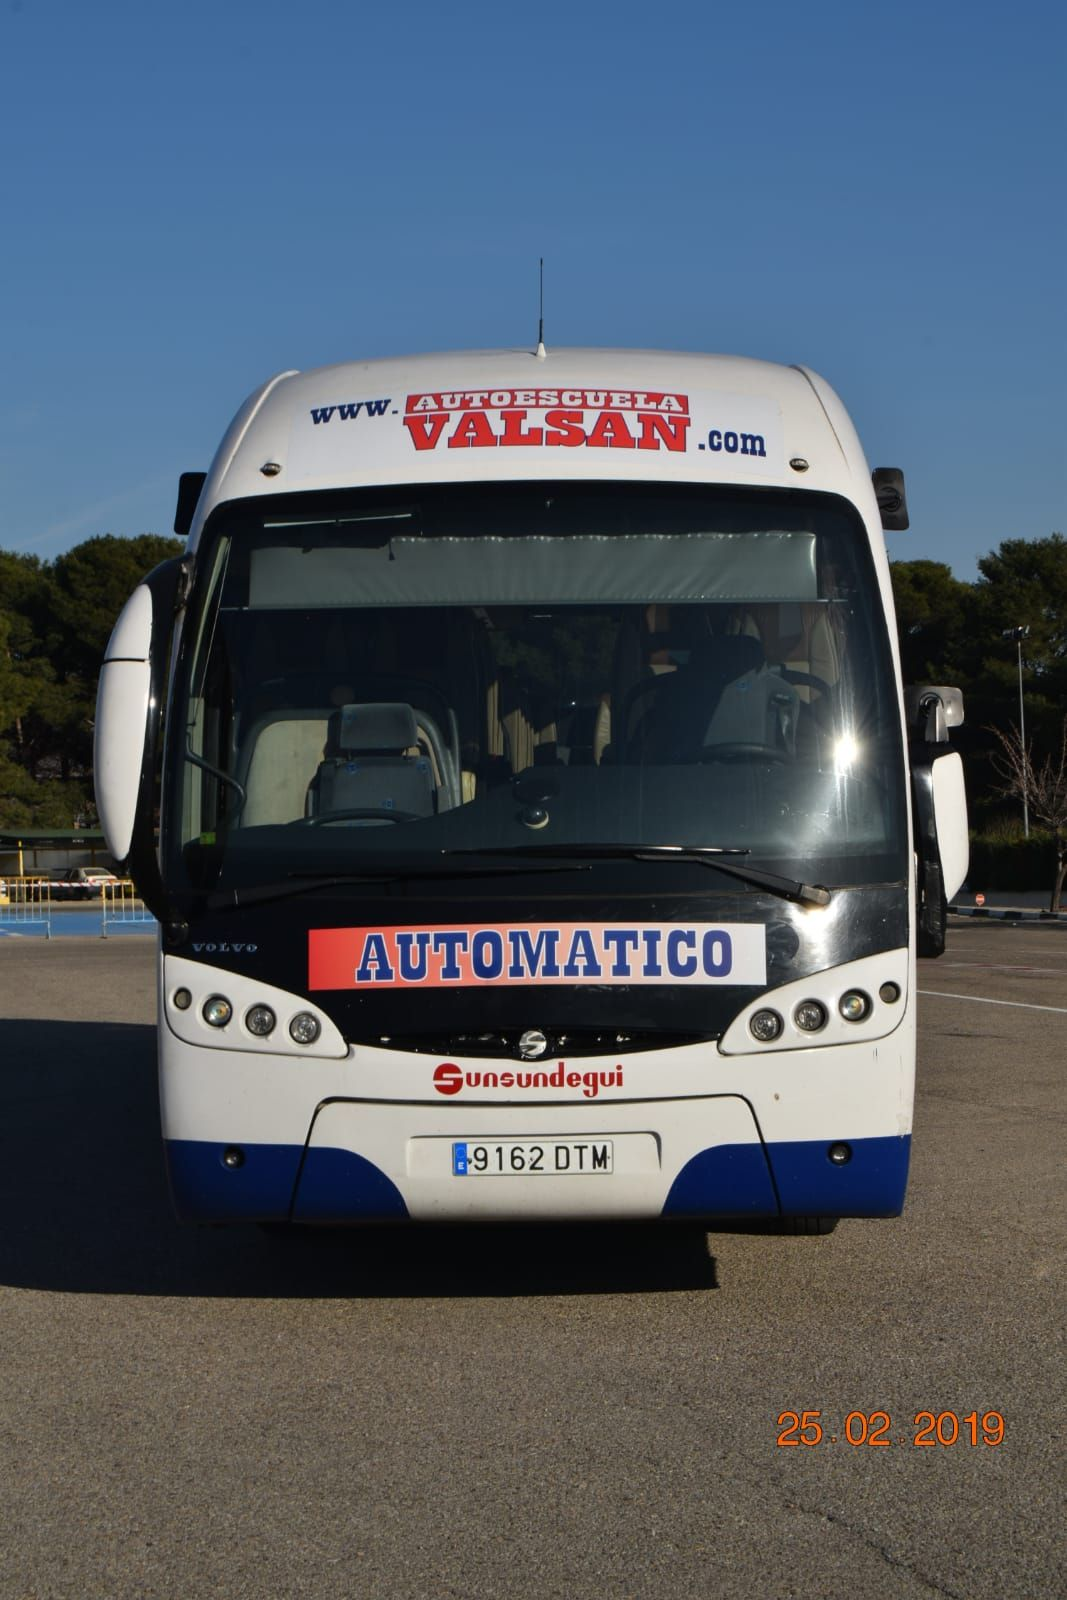 Foto 3 de Autoescuelas en Alcalá de Henares | Autoescuela Valsan